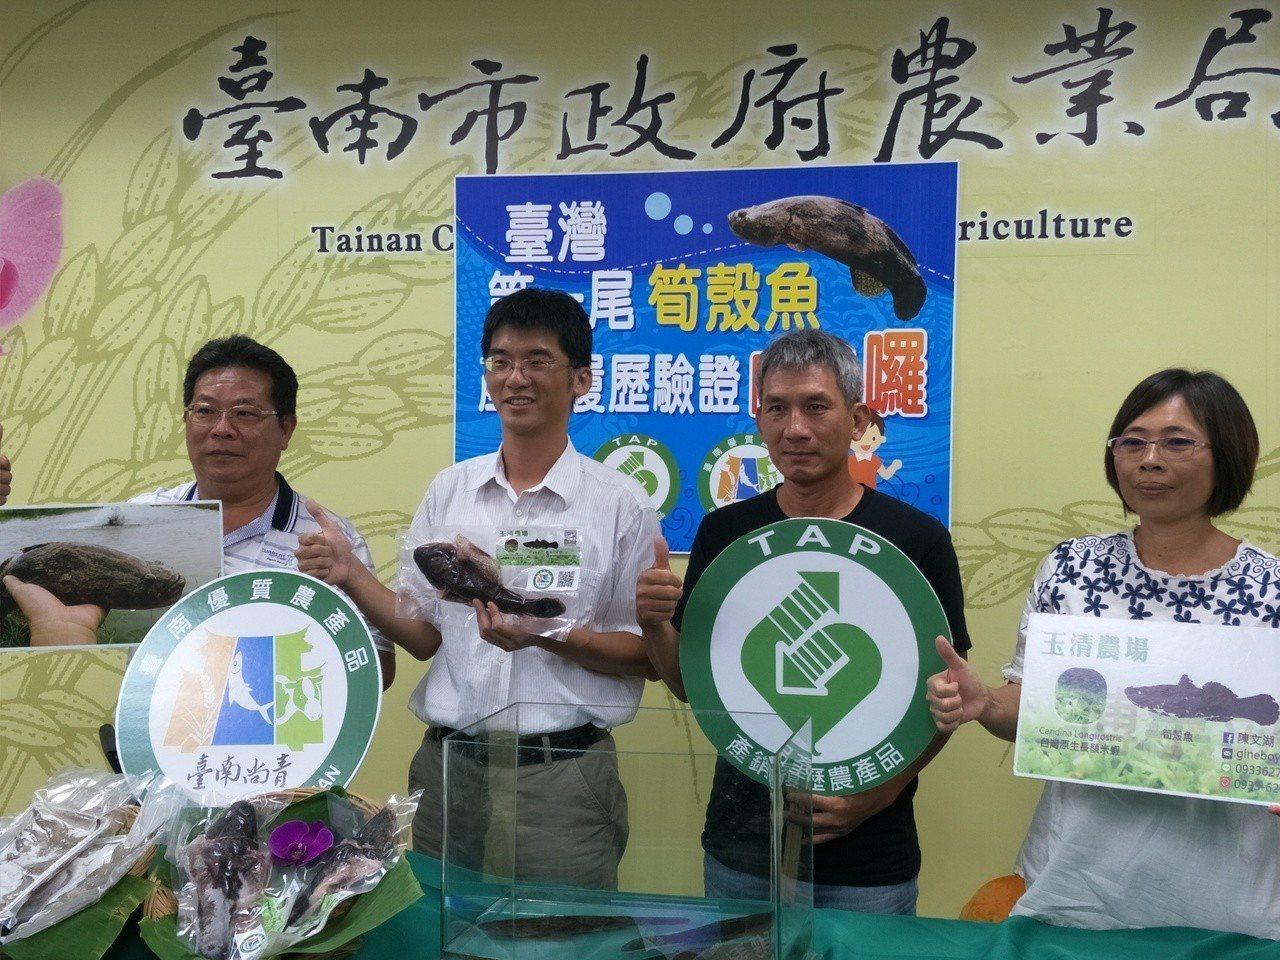 台南市筍殼魚養殖數量占全台9成,居全台之冠。記者謝進盛/攝影